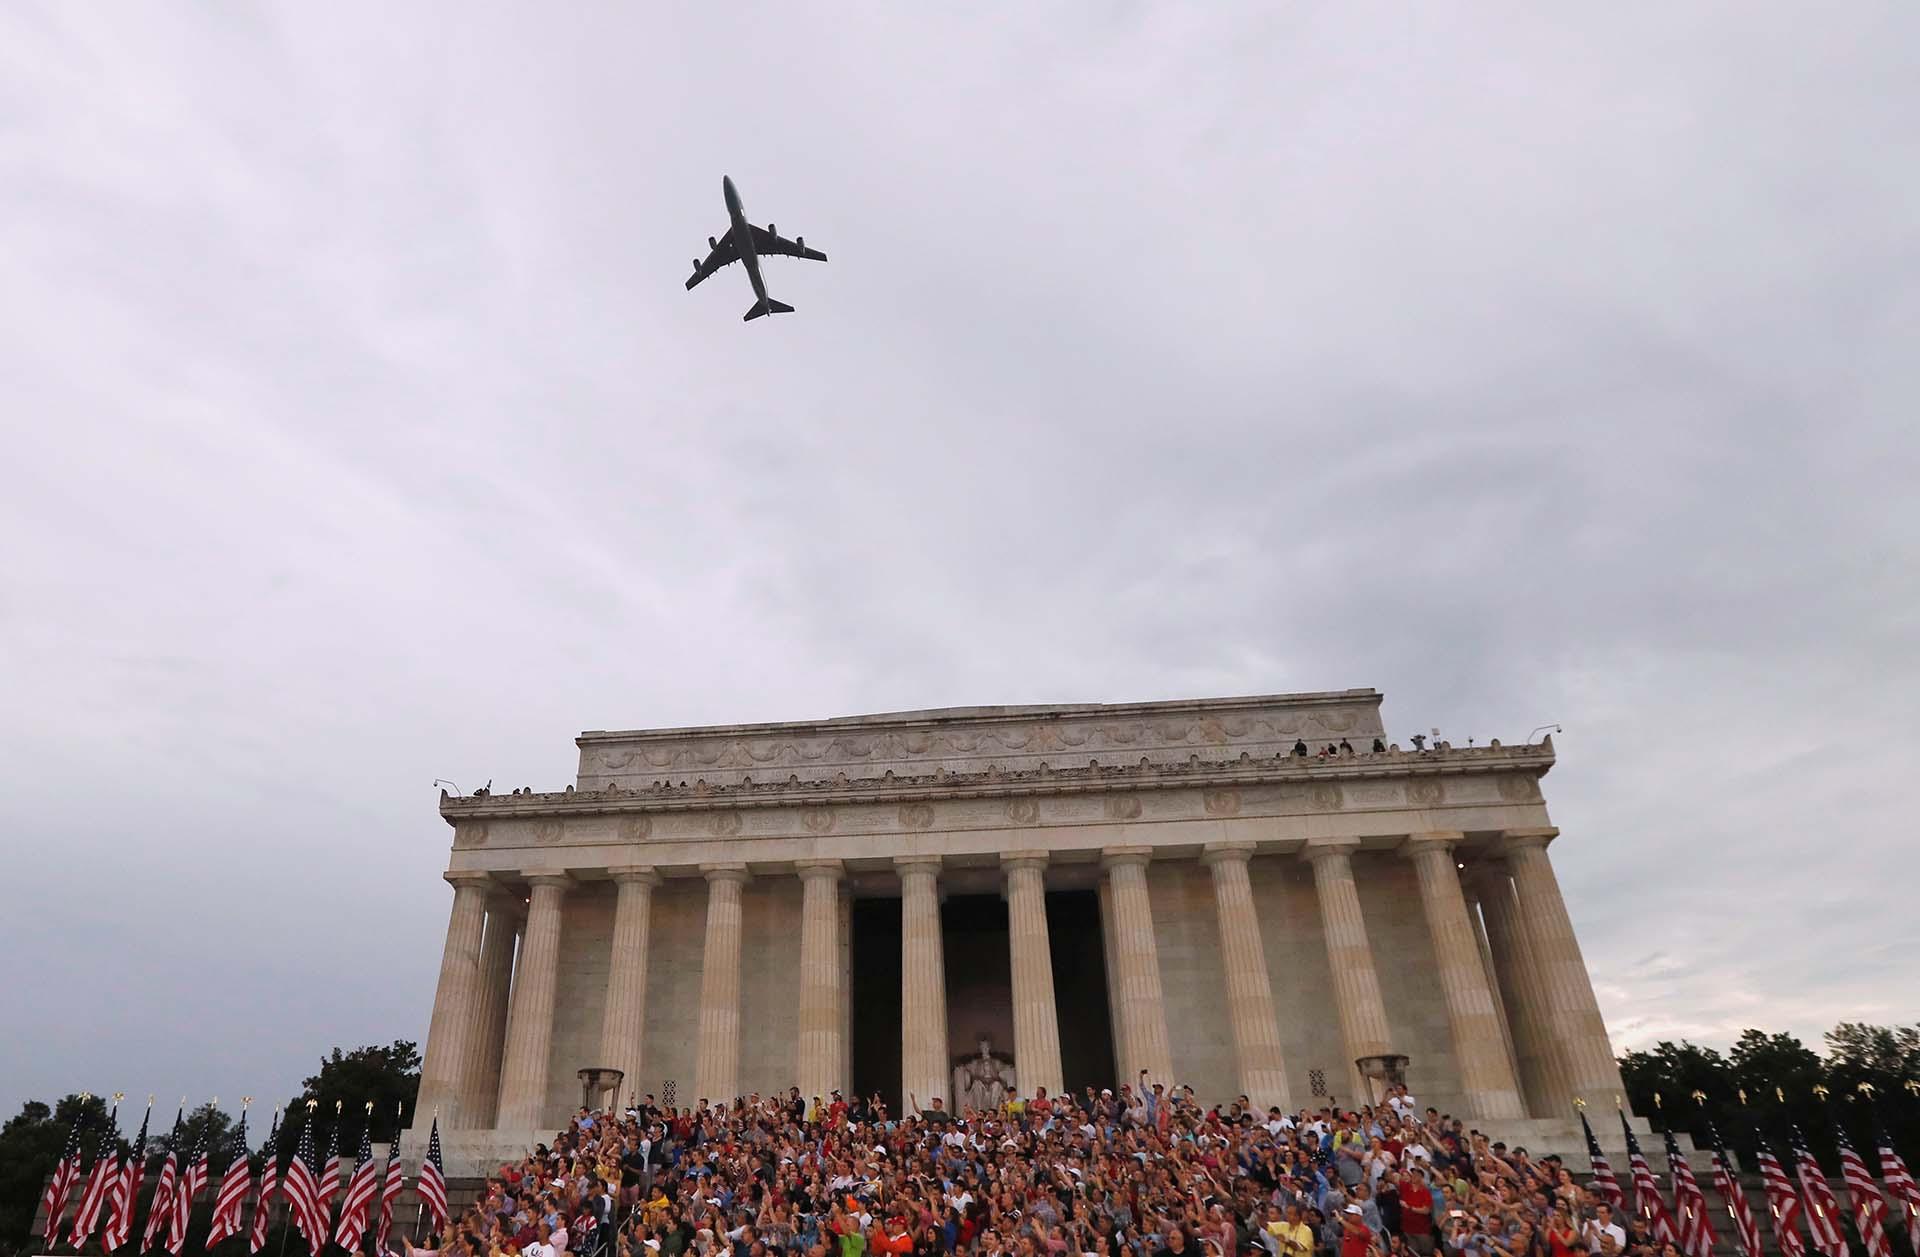 El discurso de Trump concluyó con el sobrevuelo del avión presidencial Air Force One